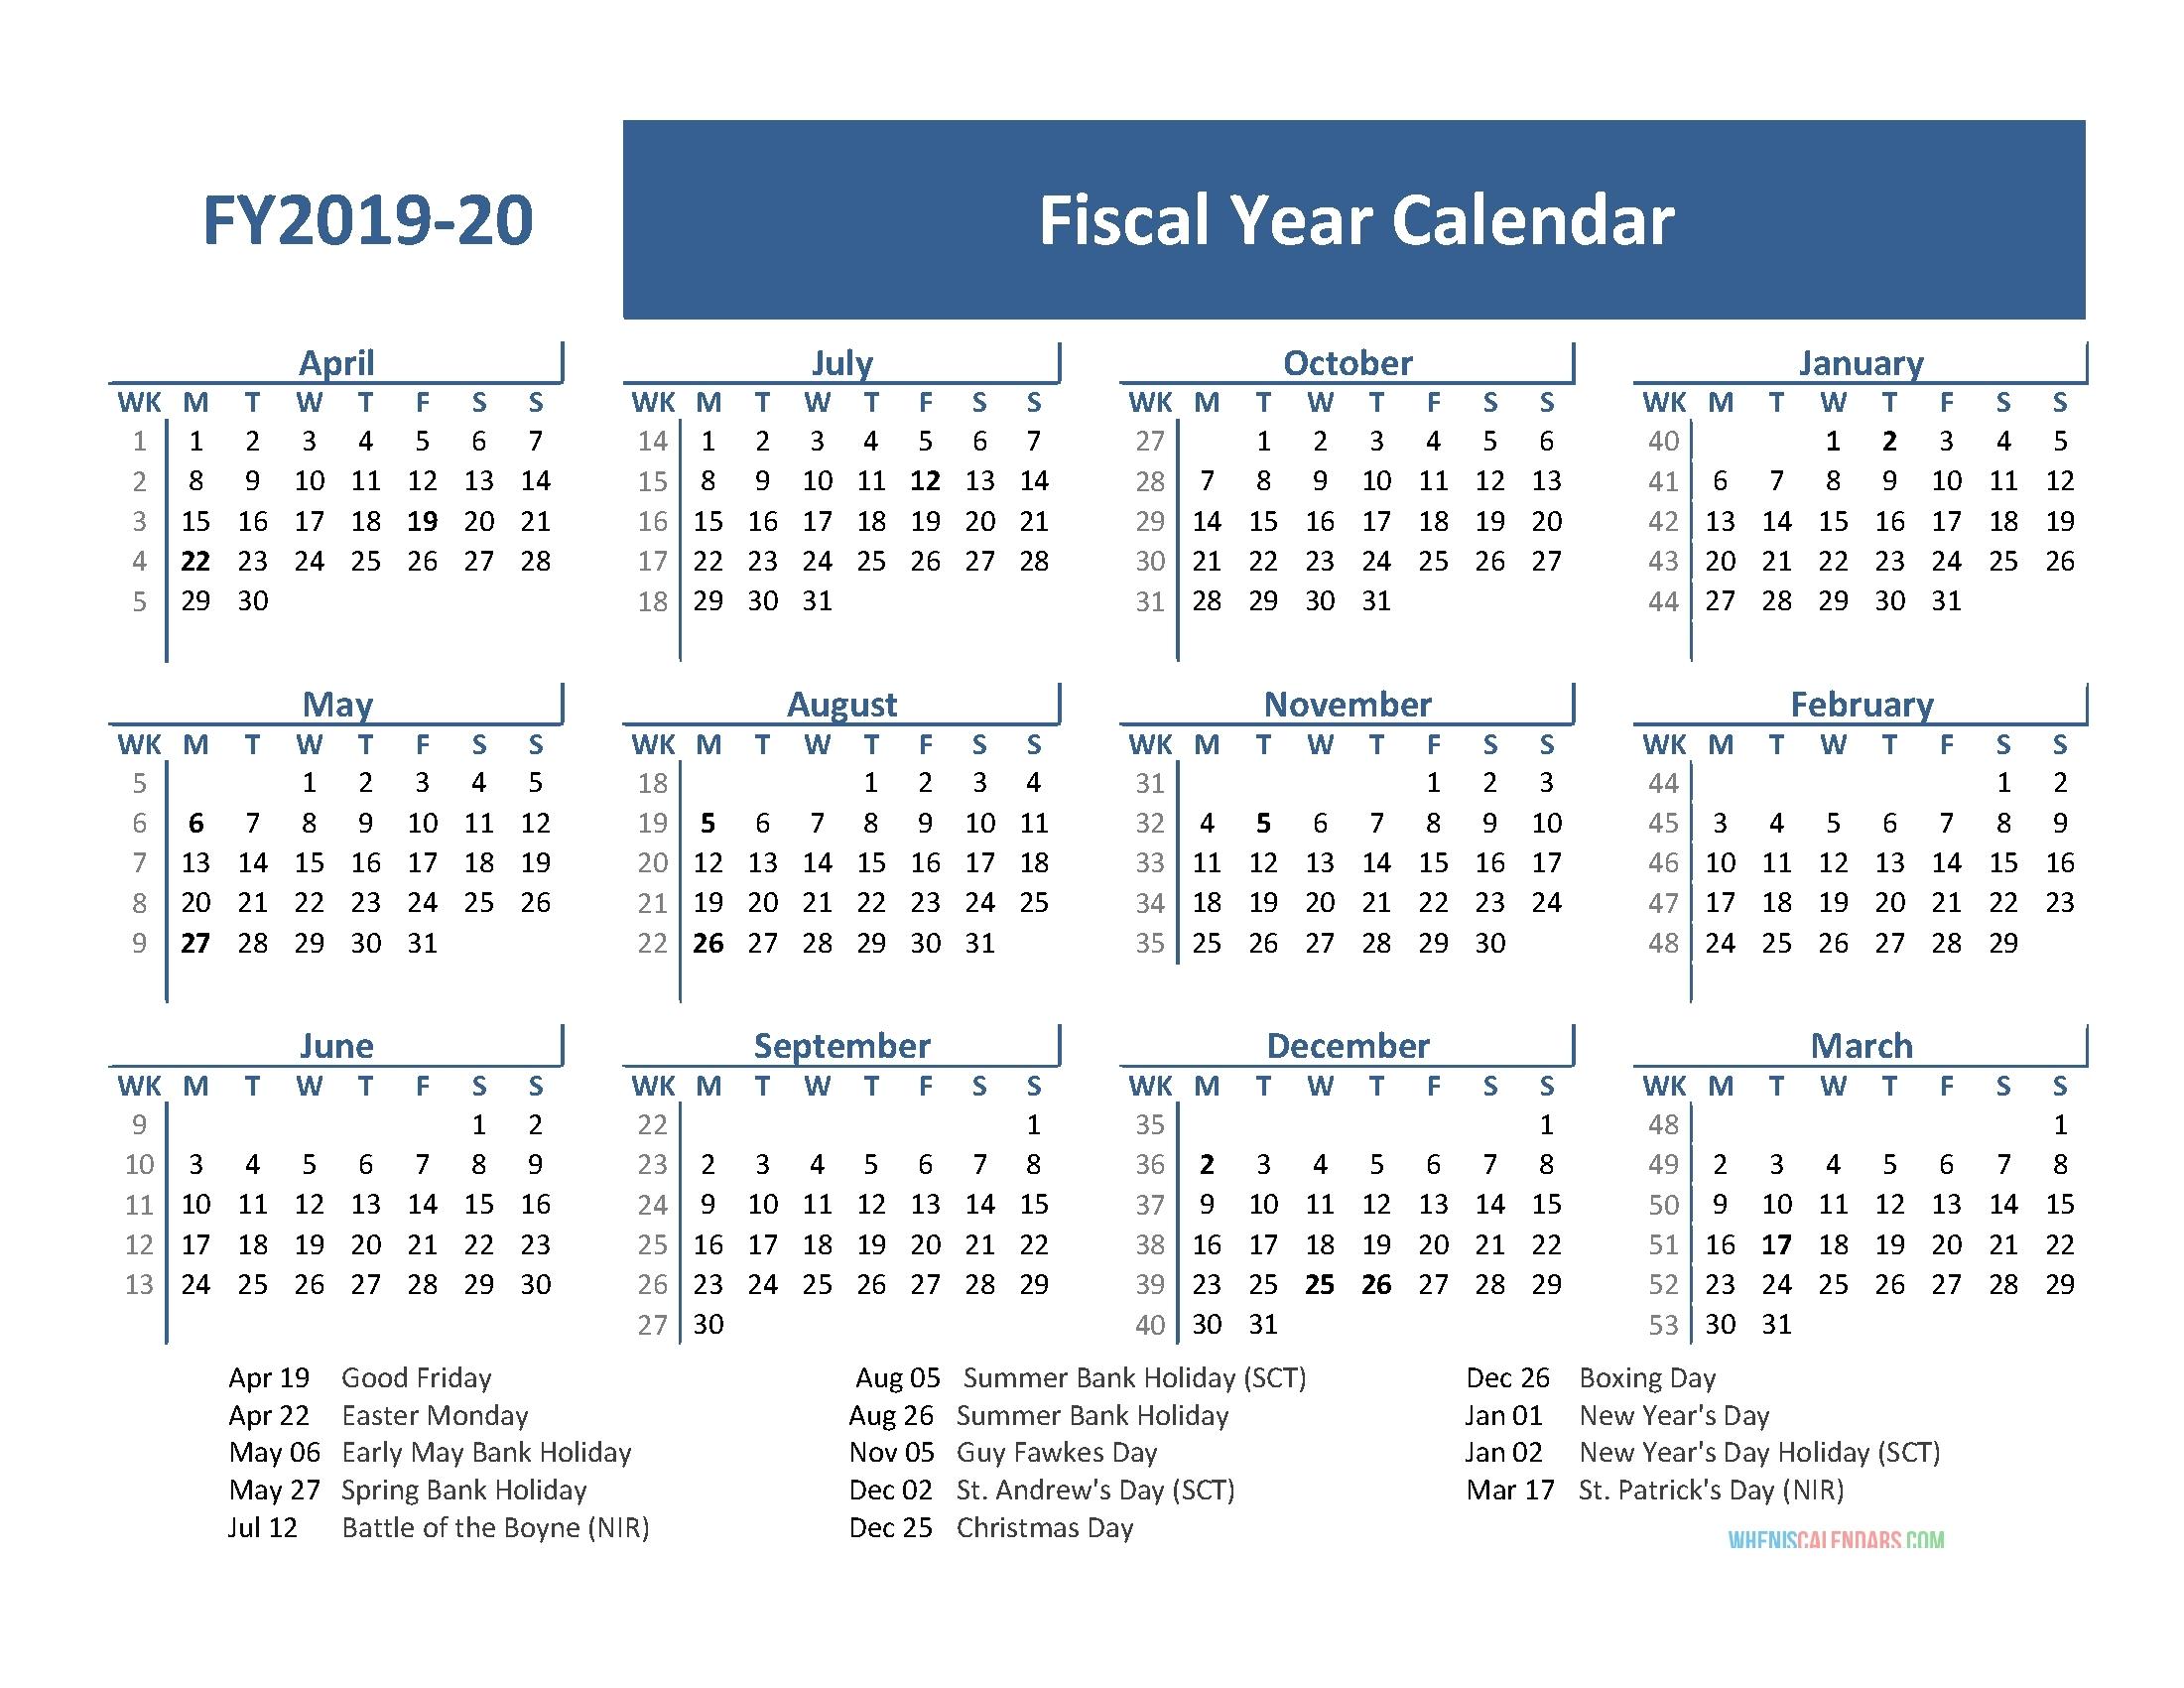 2019-2020 Calendar Financial Week Numbers - Calendar  Financial Year 19 Weeks Calendar